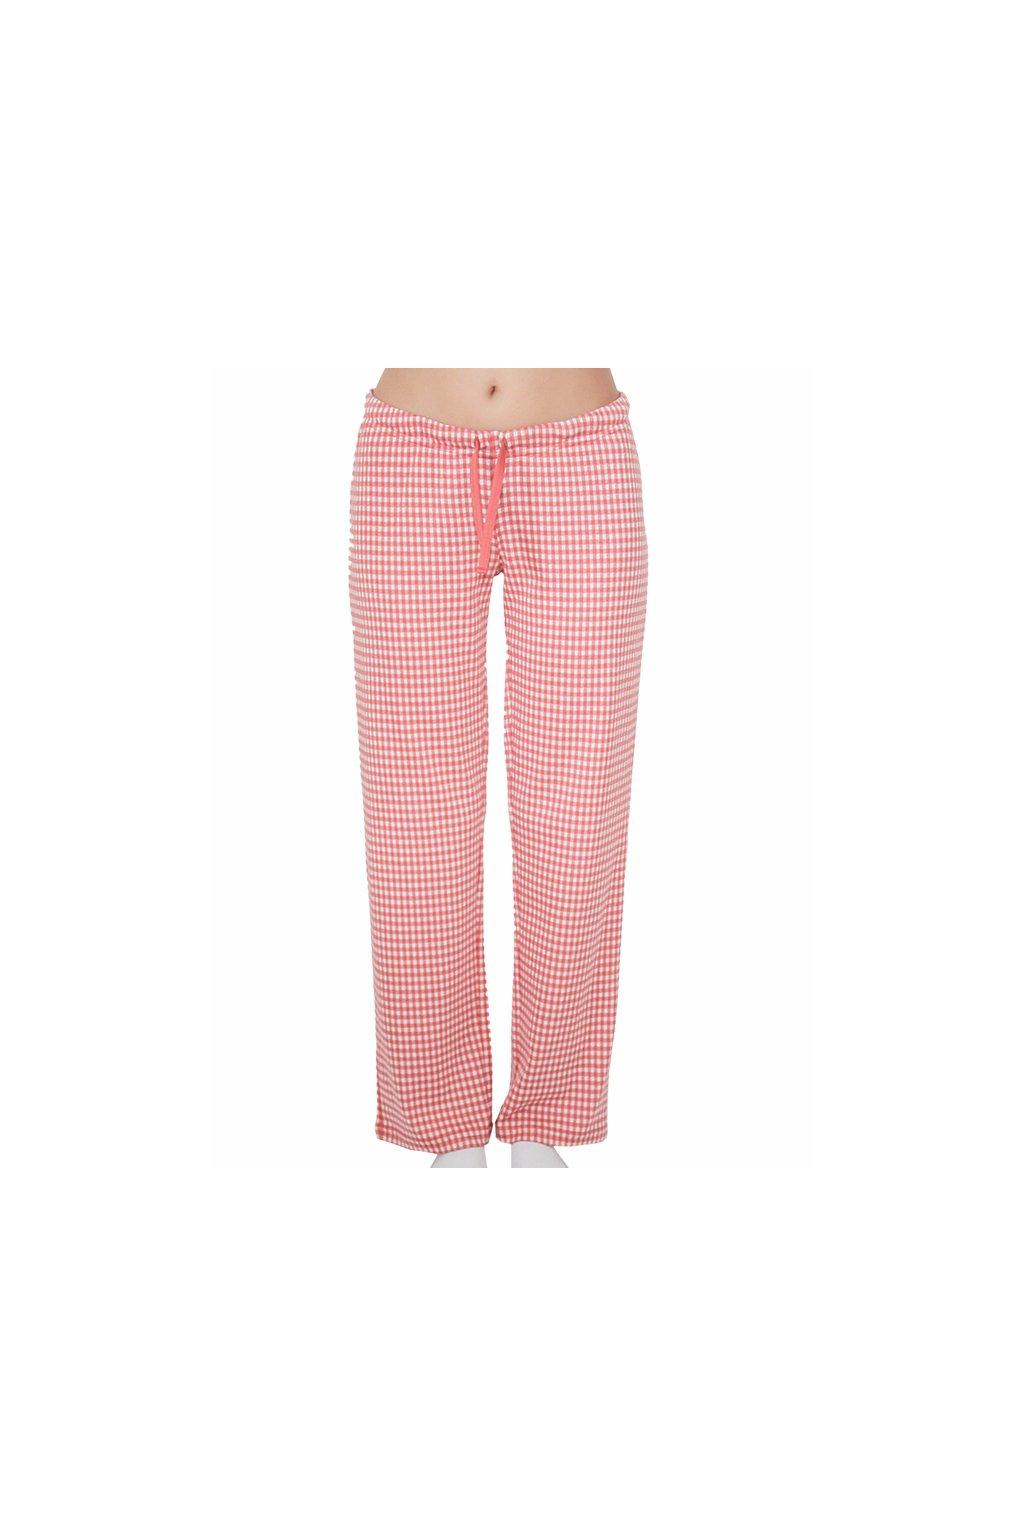 Dámské pyžamové kalhoty z biobavlny - růžové (Velikost L)